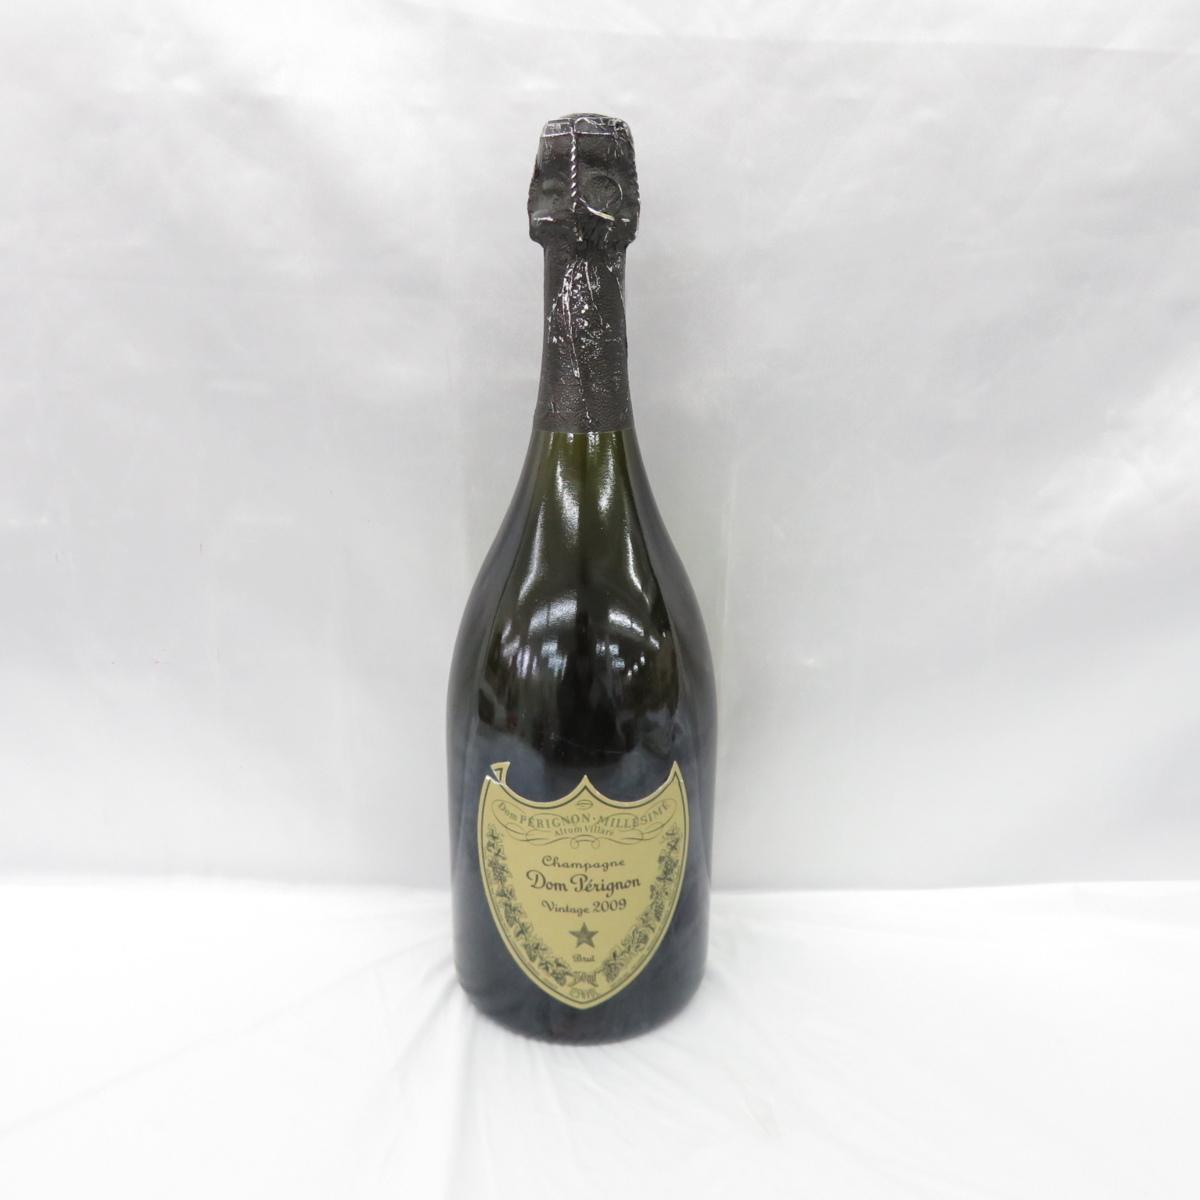 【未開栓】Dom Perignon ドンペリニヨン VINTAGE ヴィンテージ 2006 シャンパン 750ml 12.5% 10805046